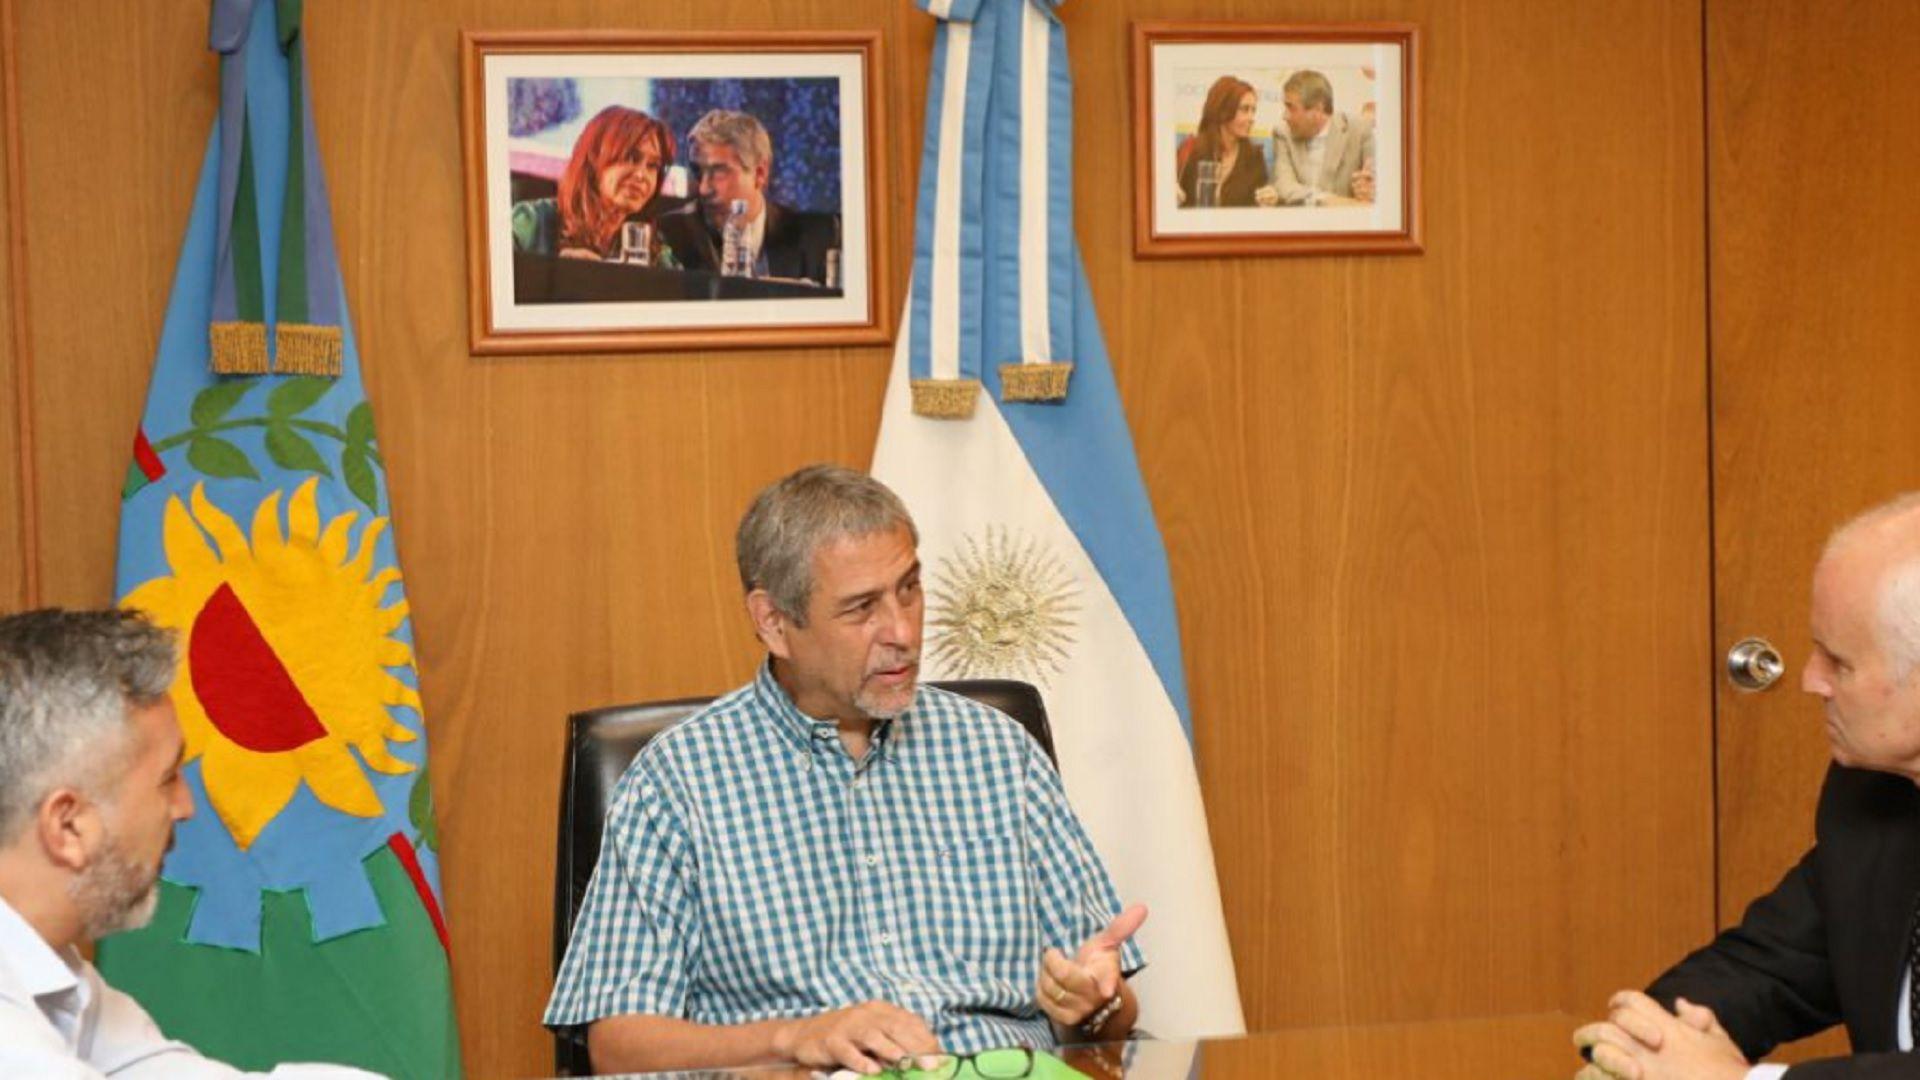 Ferraresi es intendente de Avellaneda desde 2009 y antes fue Secretario de Obras Públicas desde 1991 en diferentes períodos (Twitter)